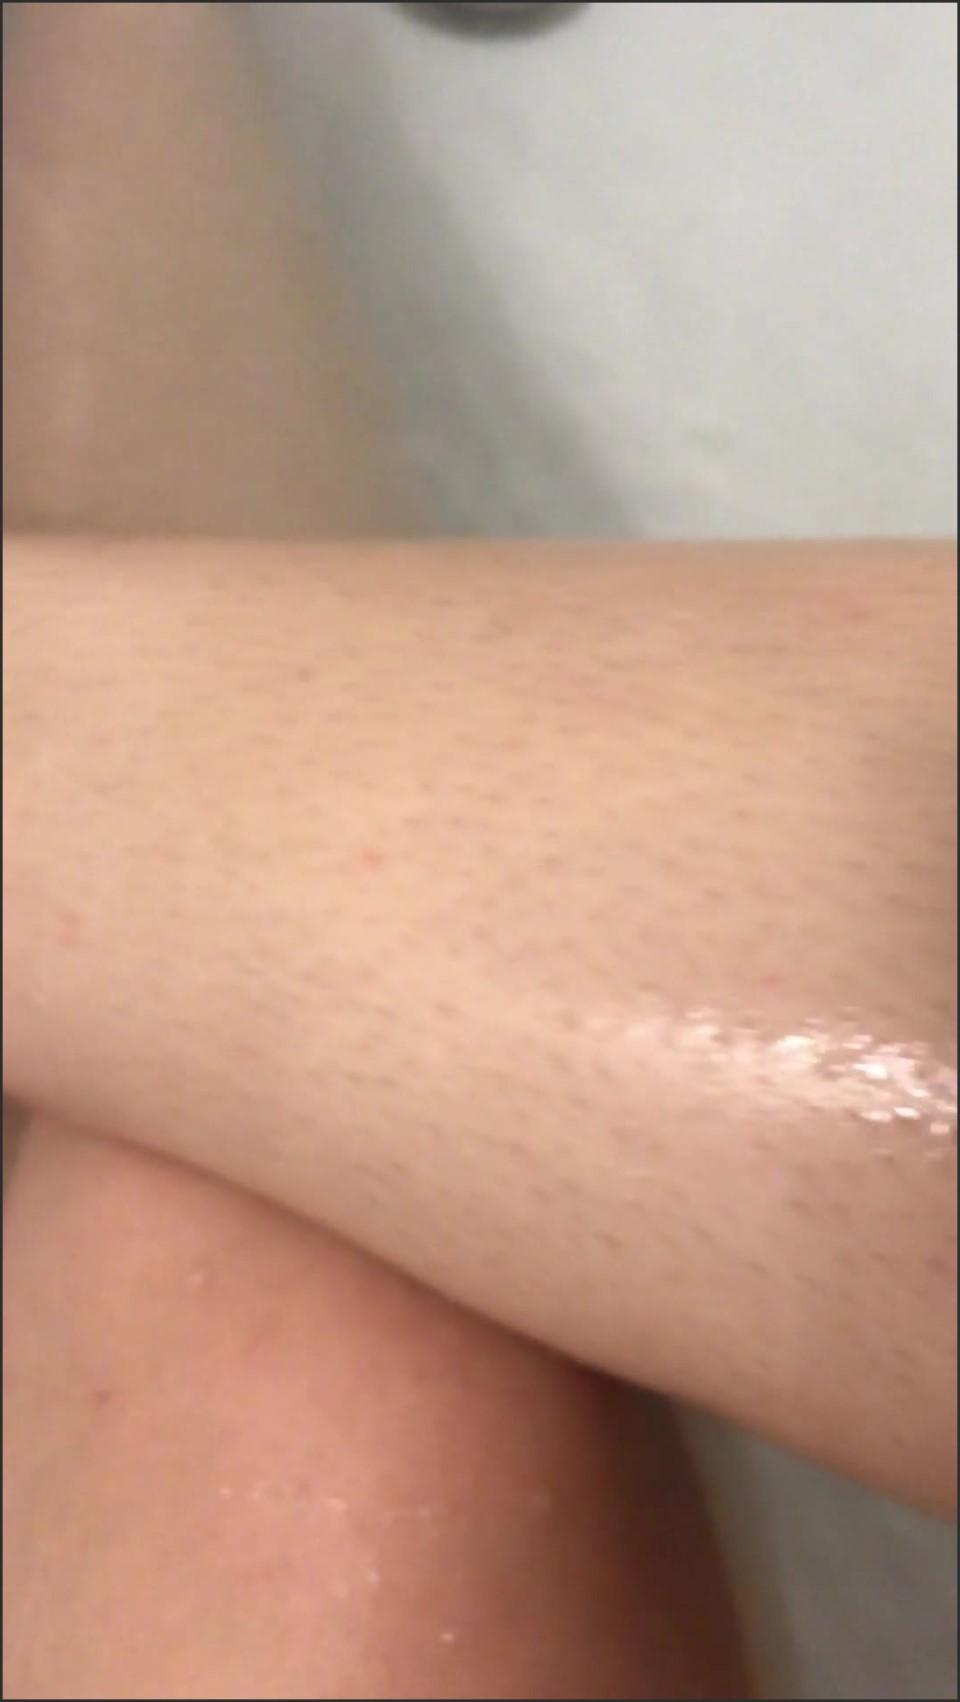 [SD] Goddessvioletta Shaving My Legs In The Bath Asmr GoddessVioletta - Manyvids-00:02:54 | Size - 134,6 MB